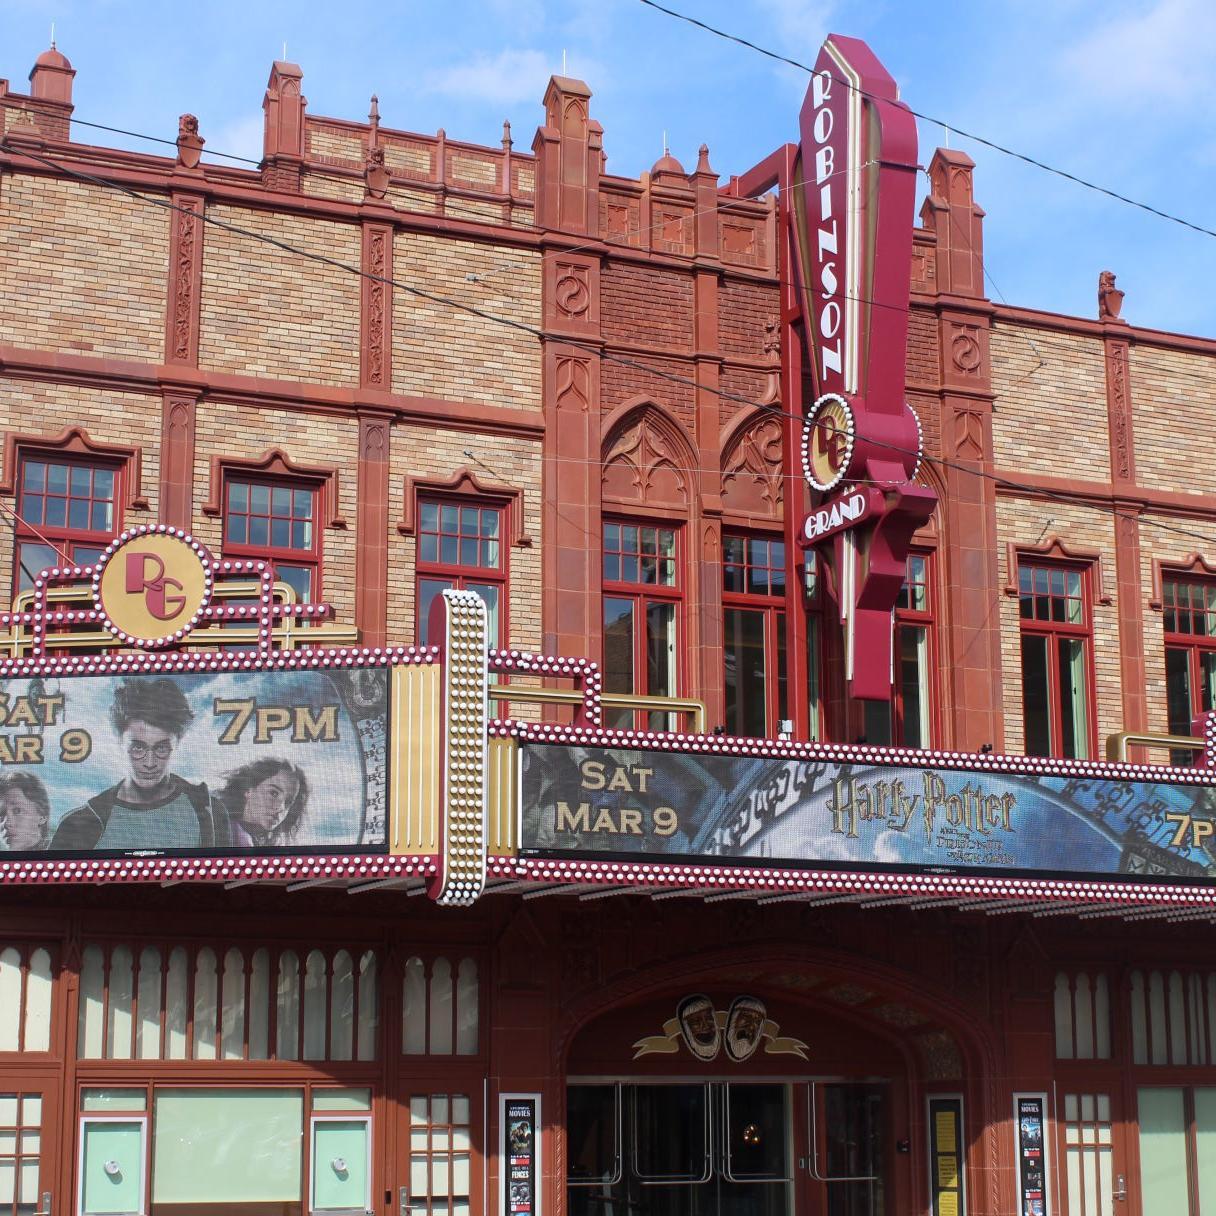 Robinson Grand Yielding Positive Result For Clarksburg Wv S